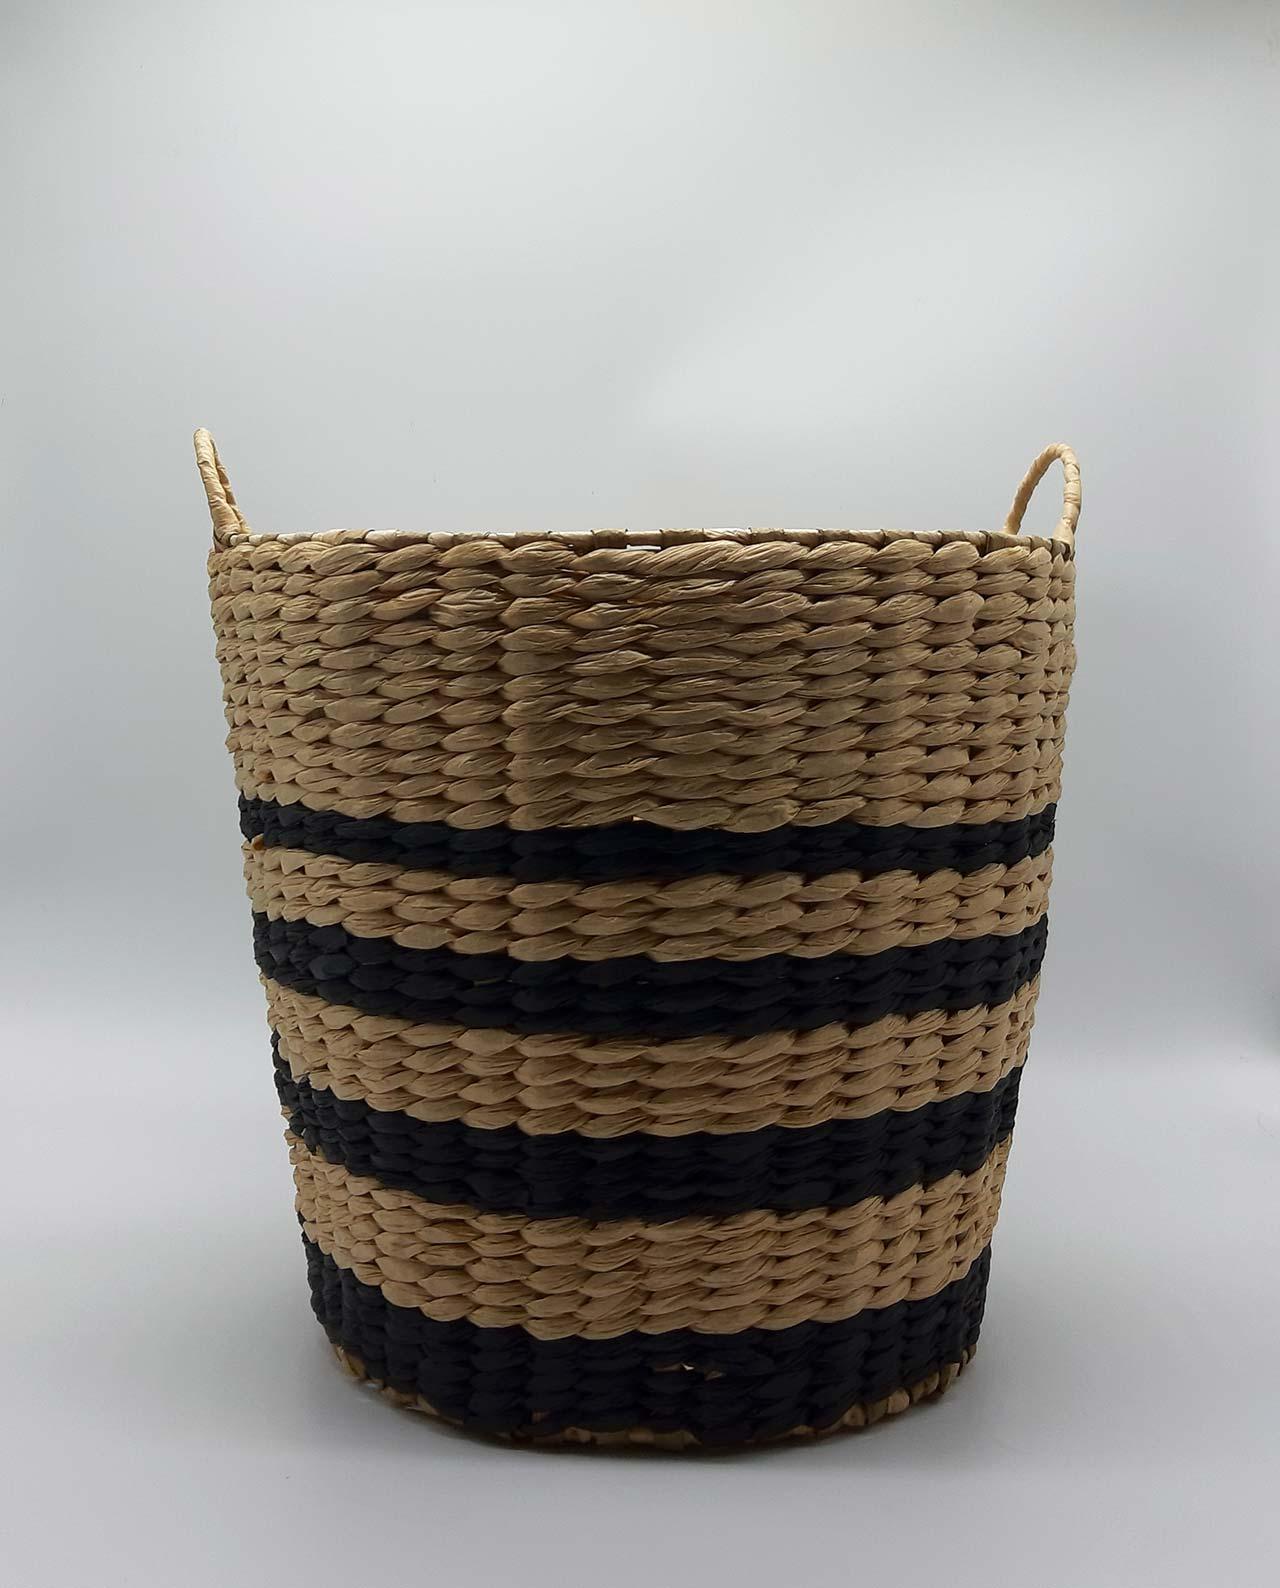 Καλάθι Raffia μαύρες γραμμές ύψους 28 cm